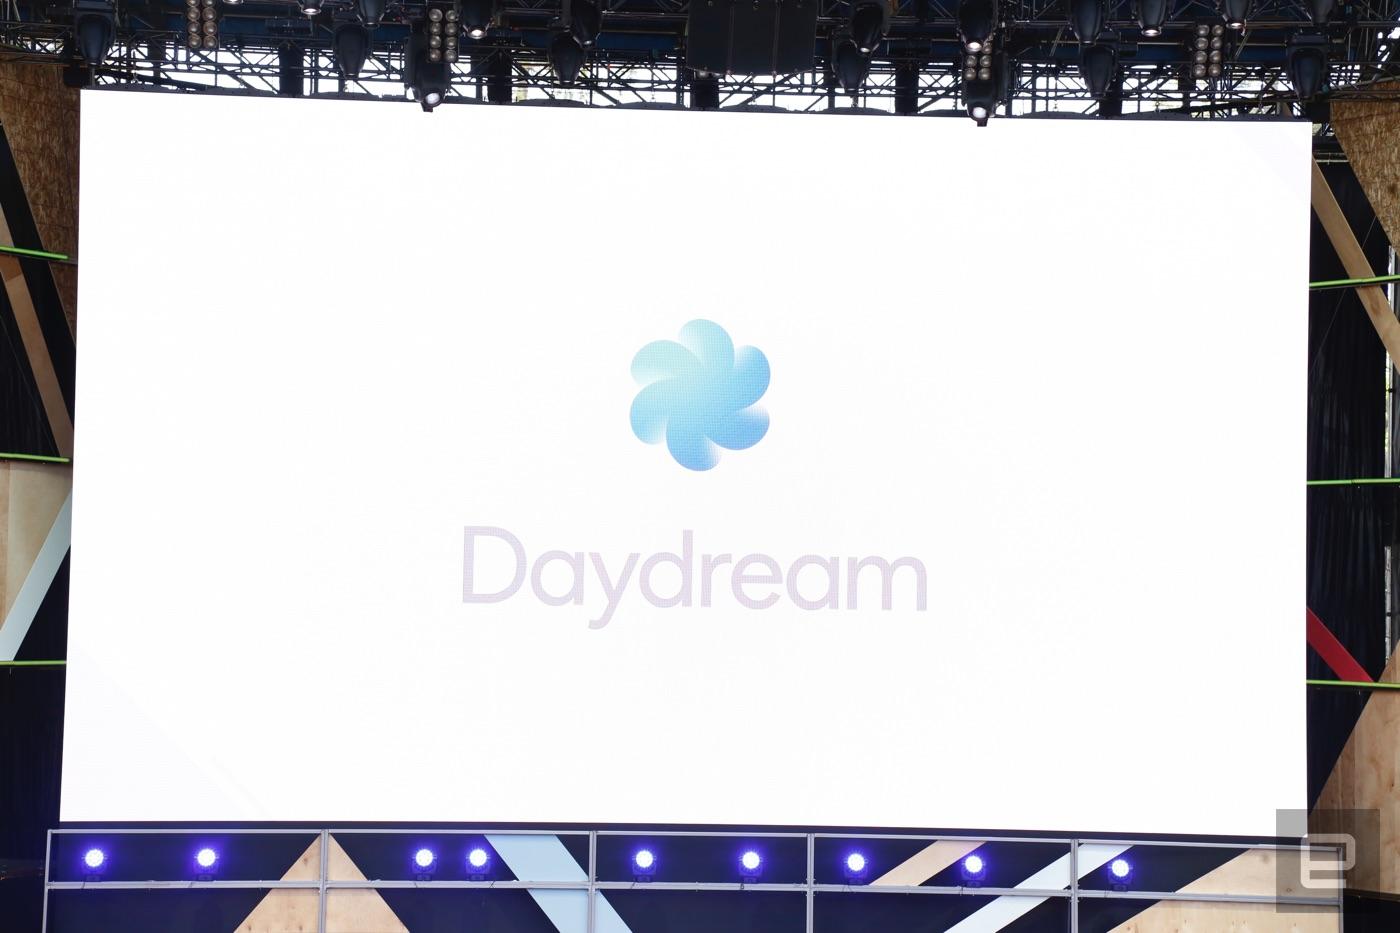 Daydream, la plataforma de realidad virtual basada en Android N de Google